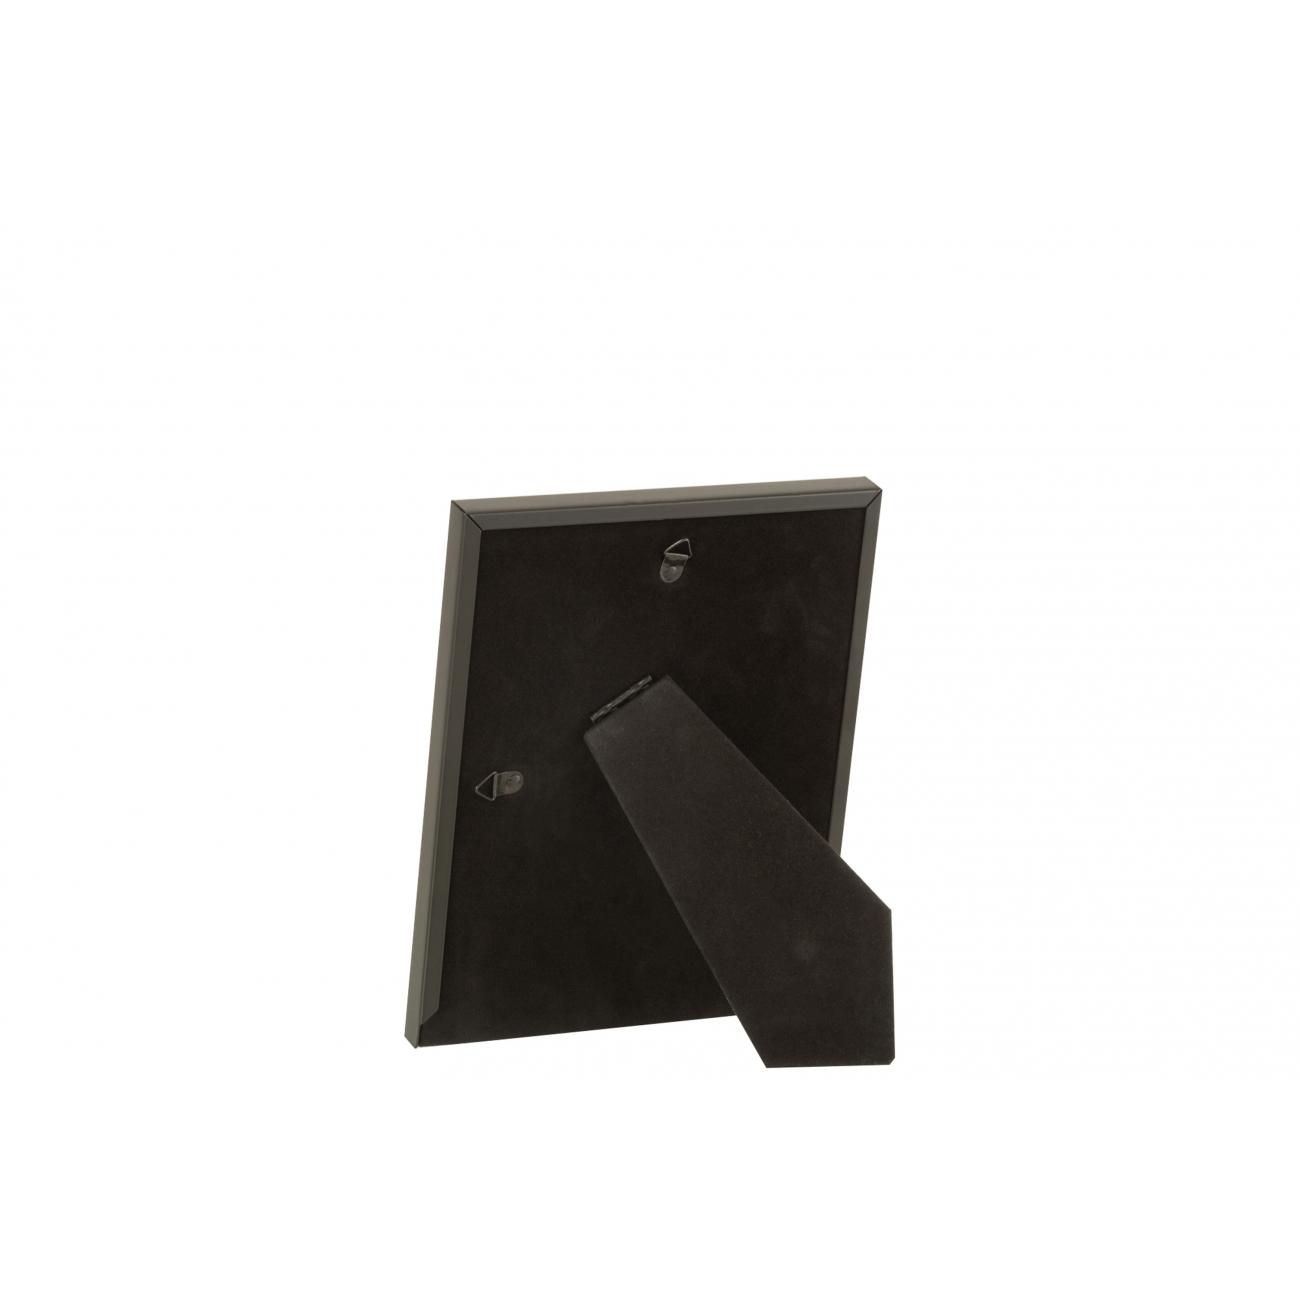 Фоторамка J-LINE металлическая матовая в черном цвете 13x18 см Бельгия